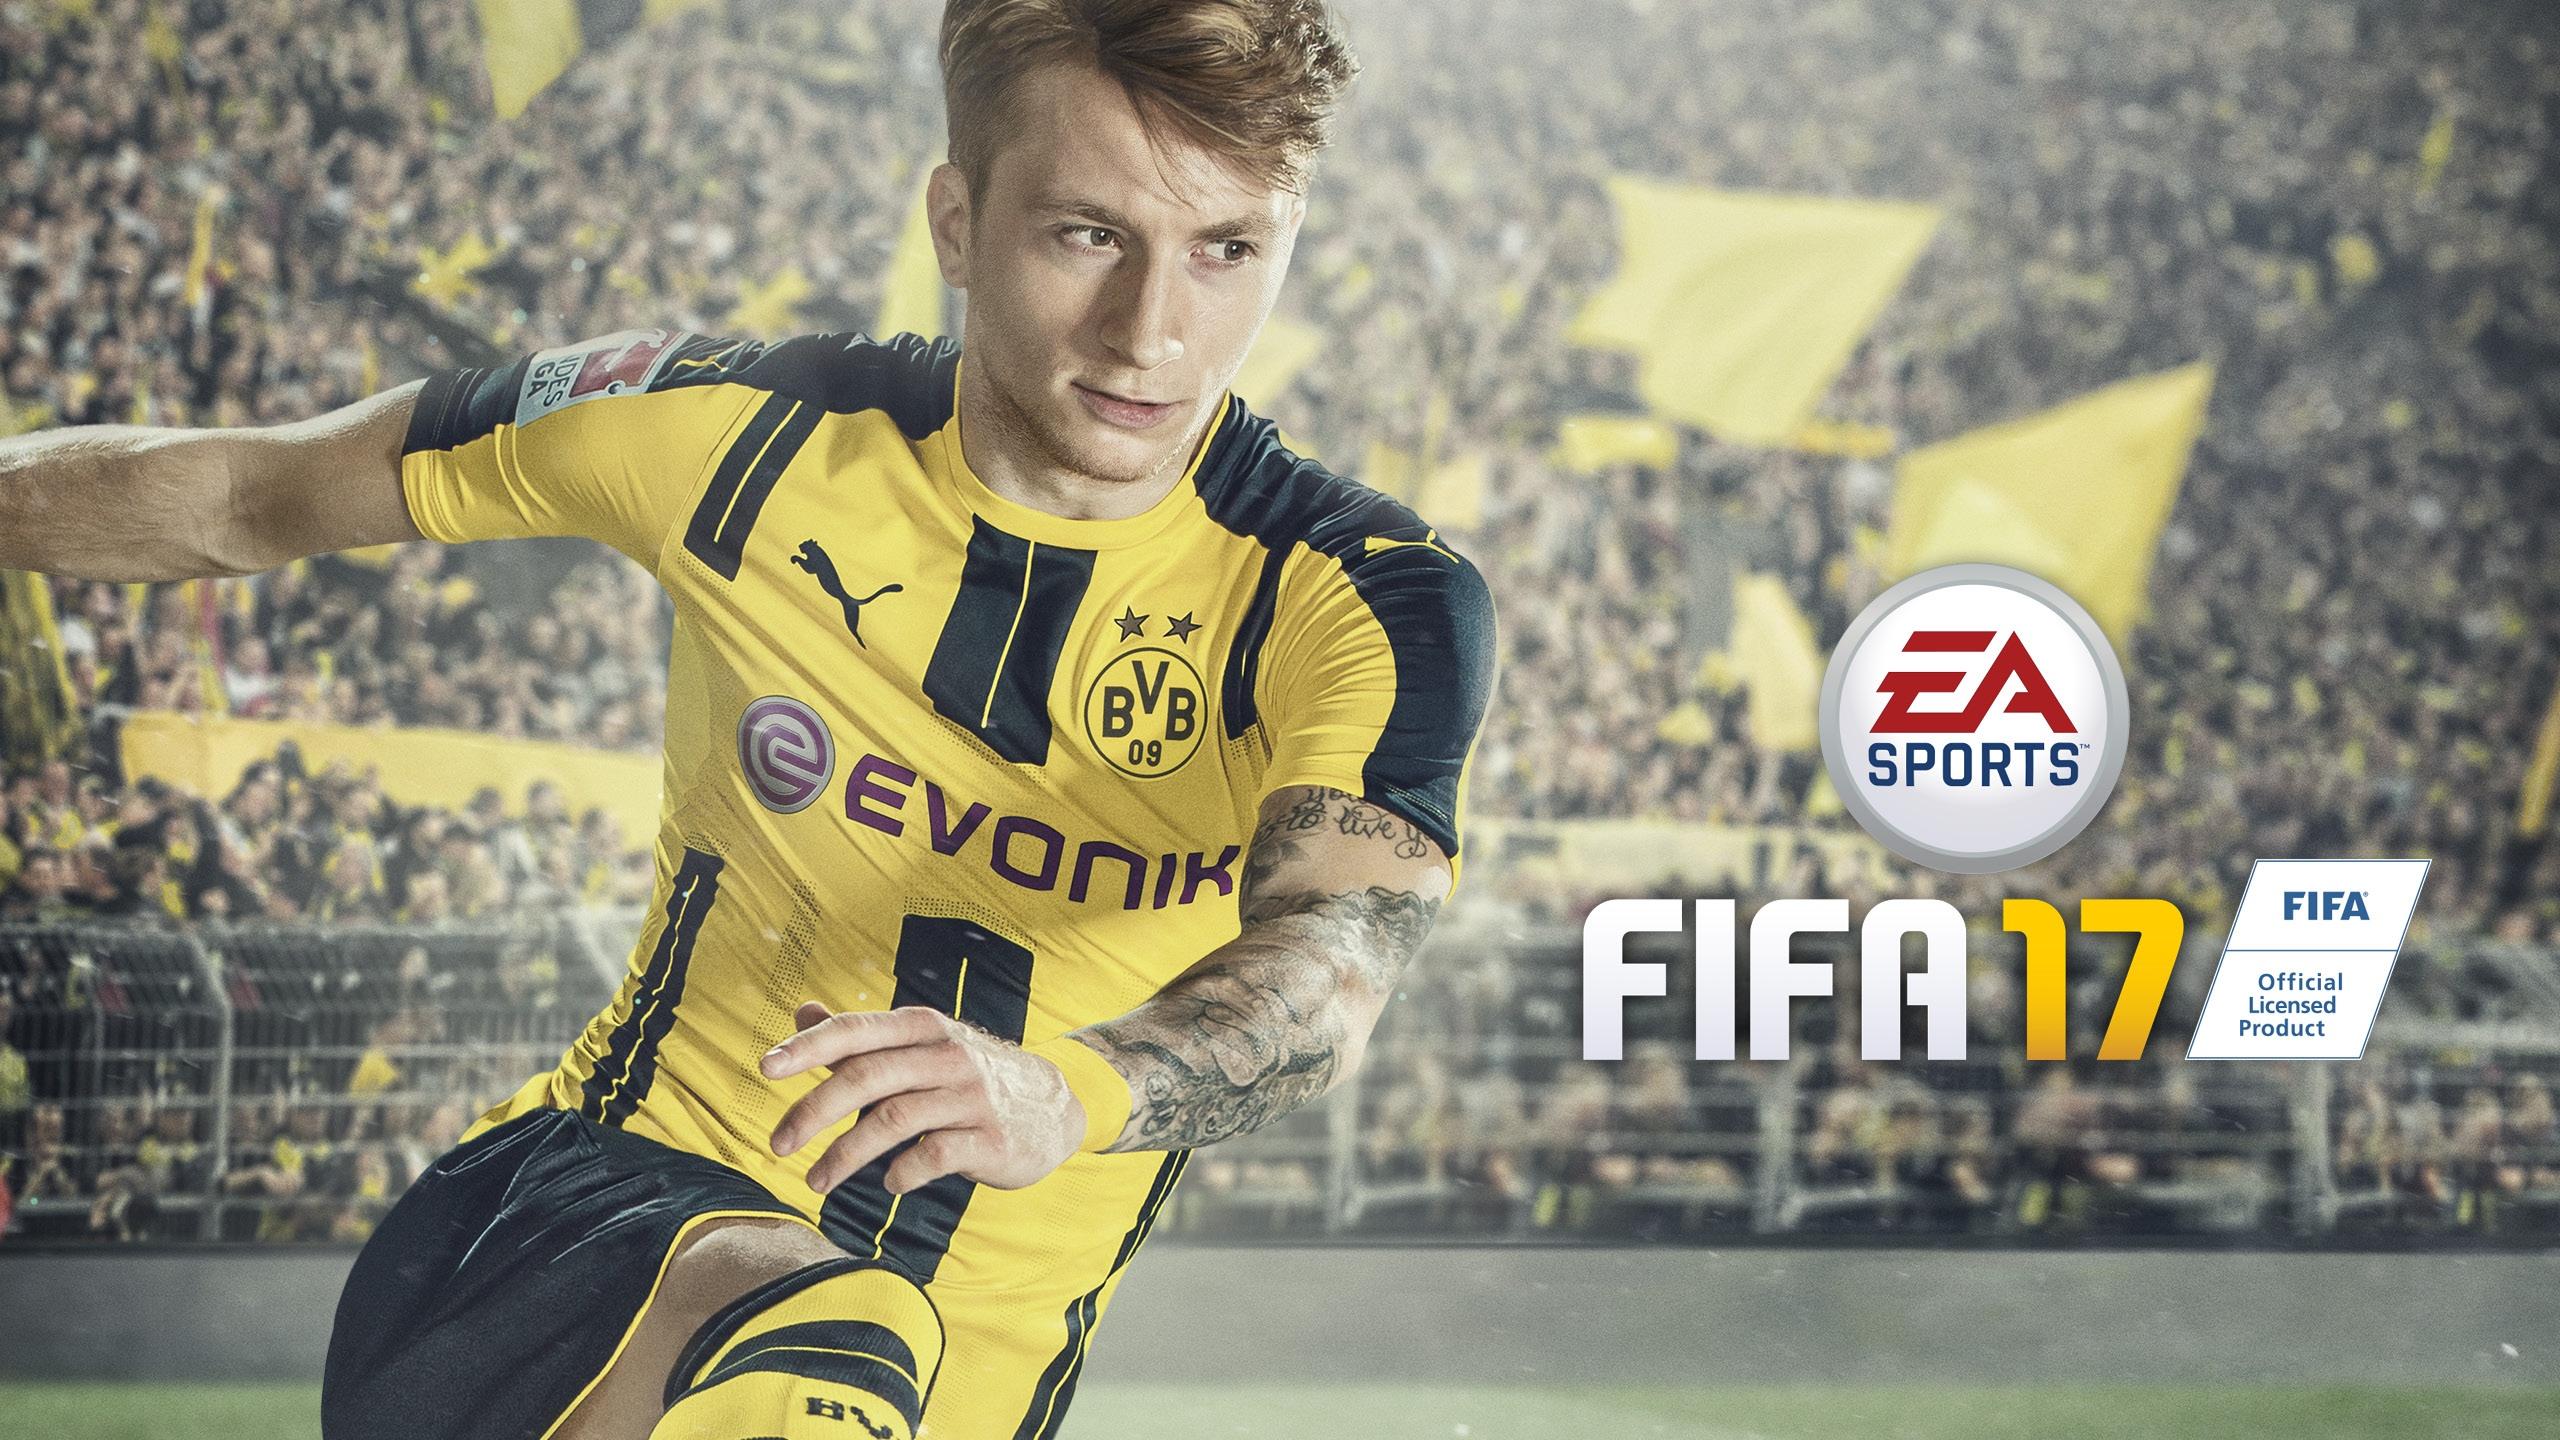 طور قصة FIFA 17